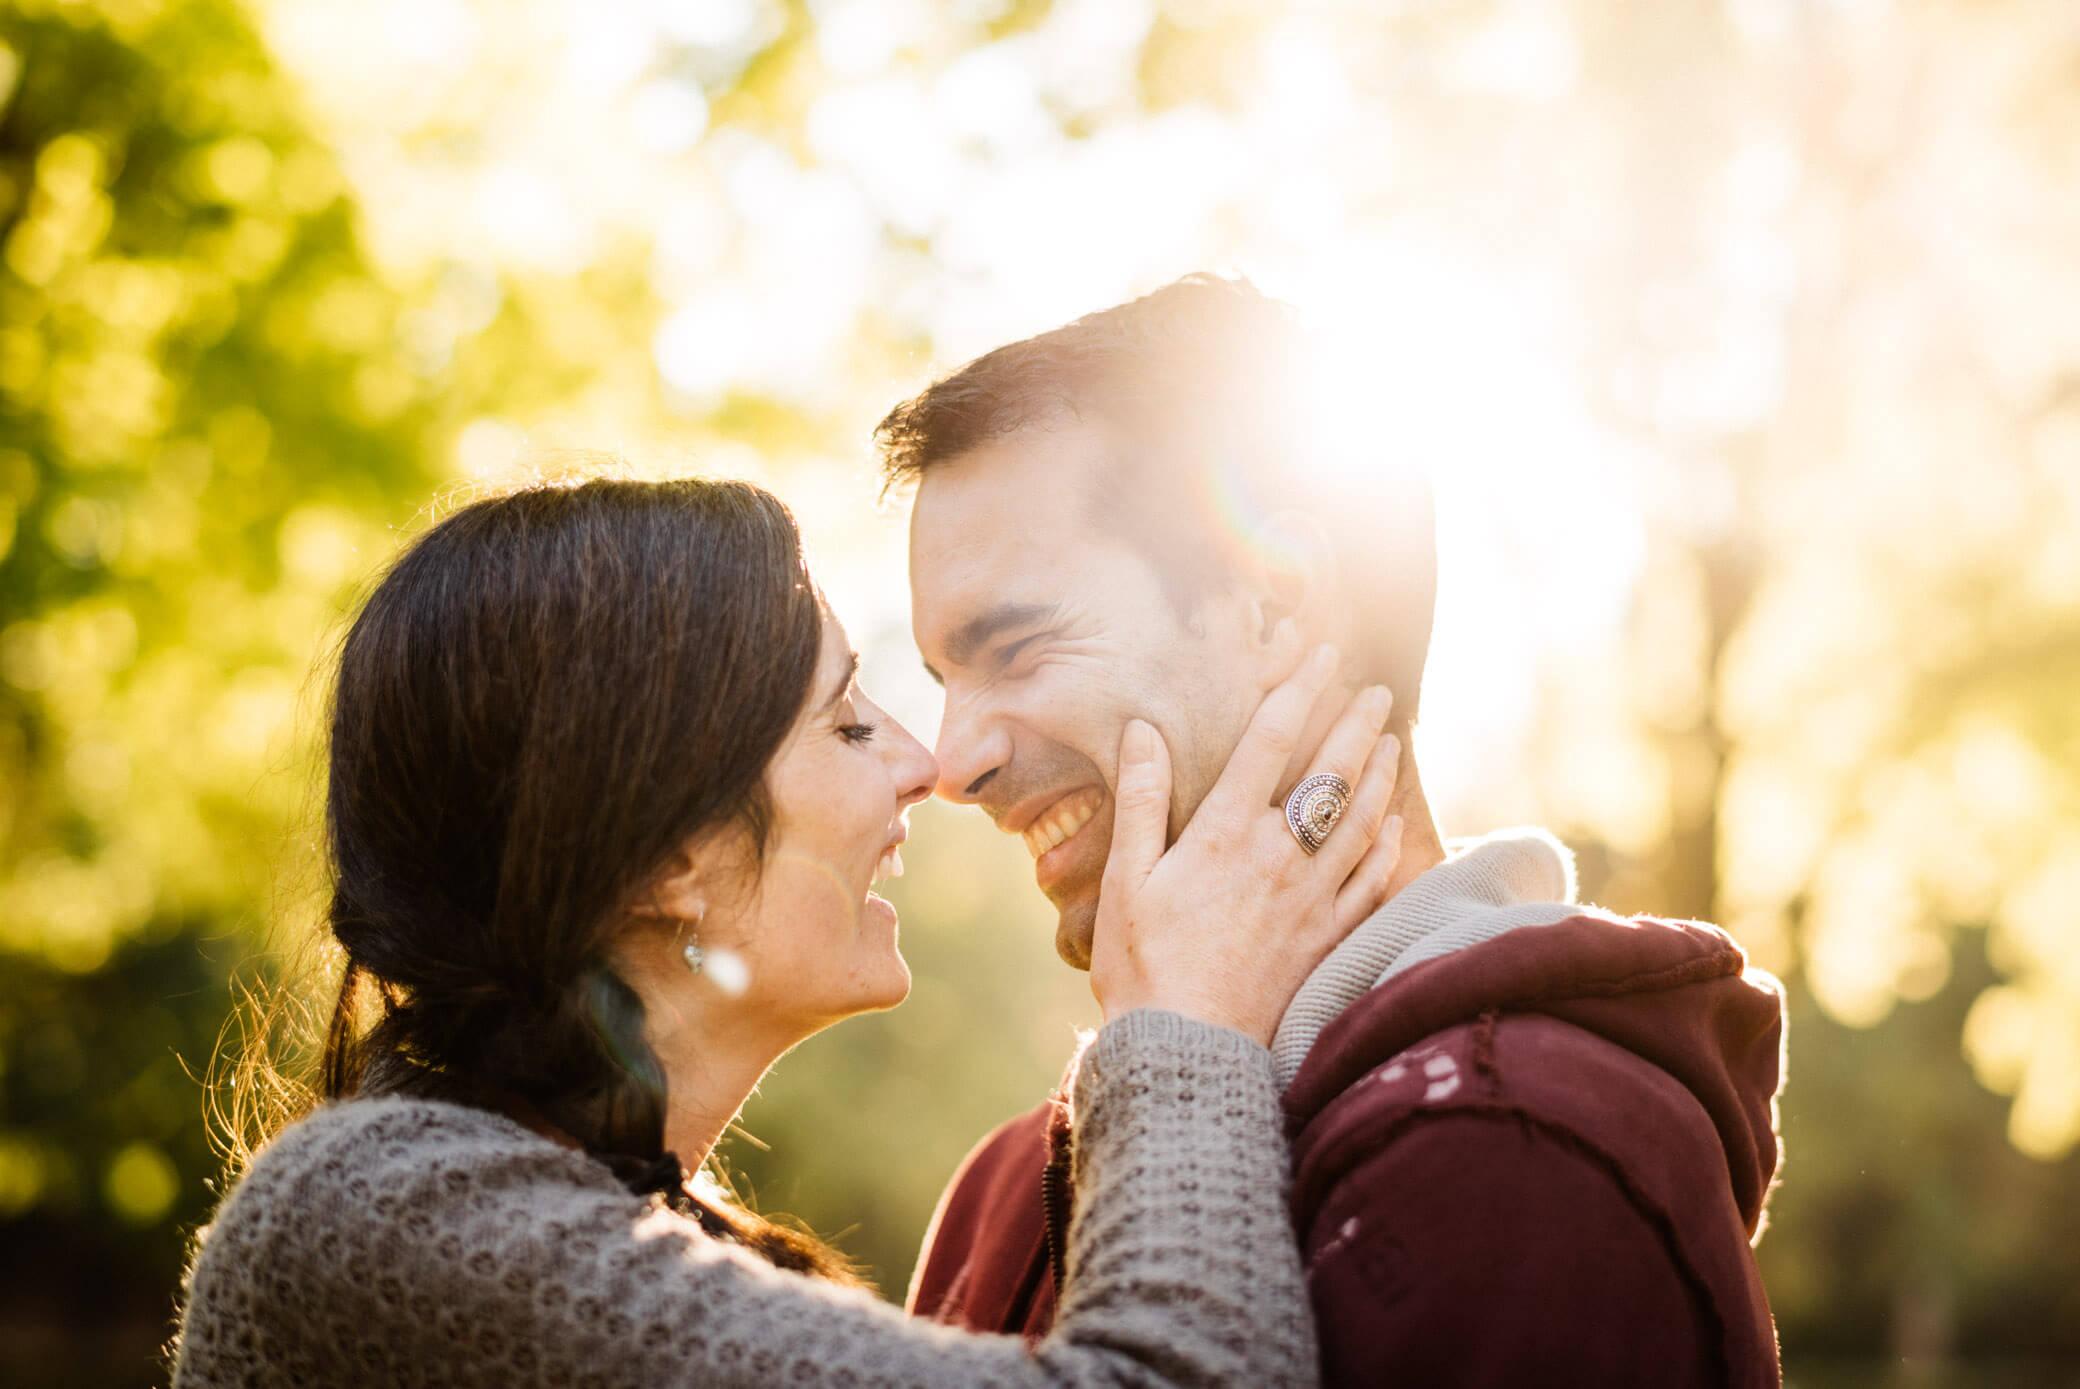 faire-poser-un-couple-et-obtenir-des-photos-avec-de-l-emotion03